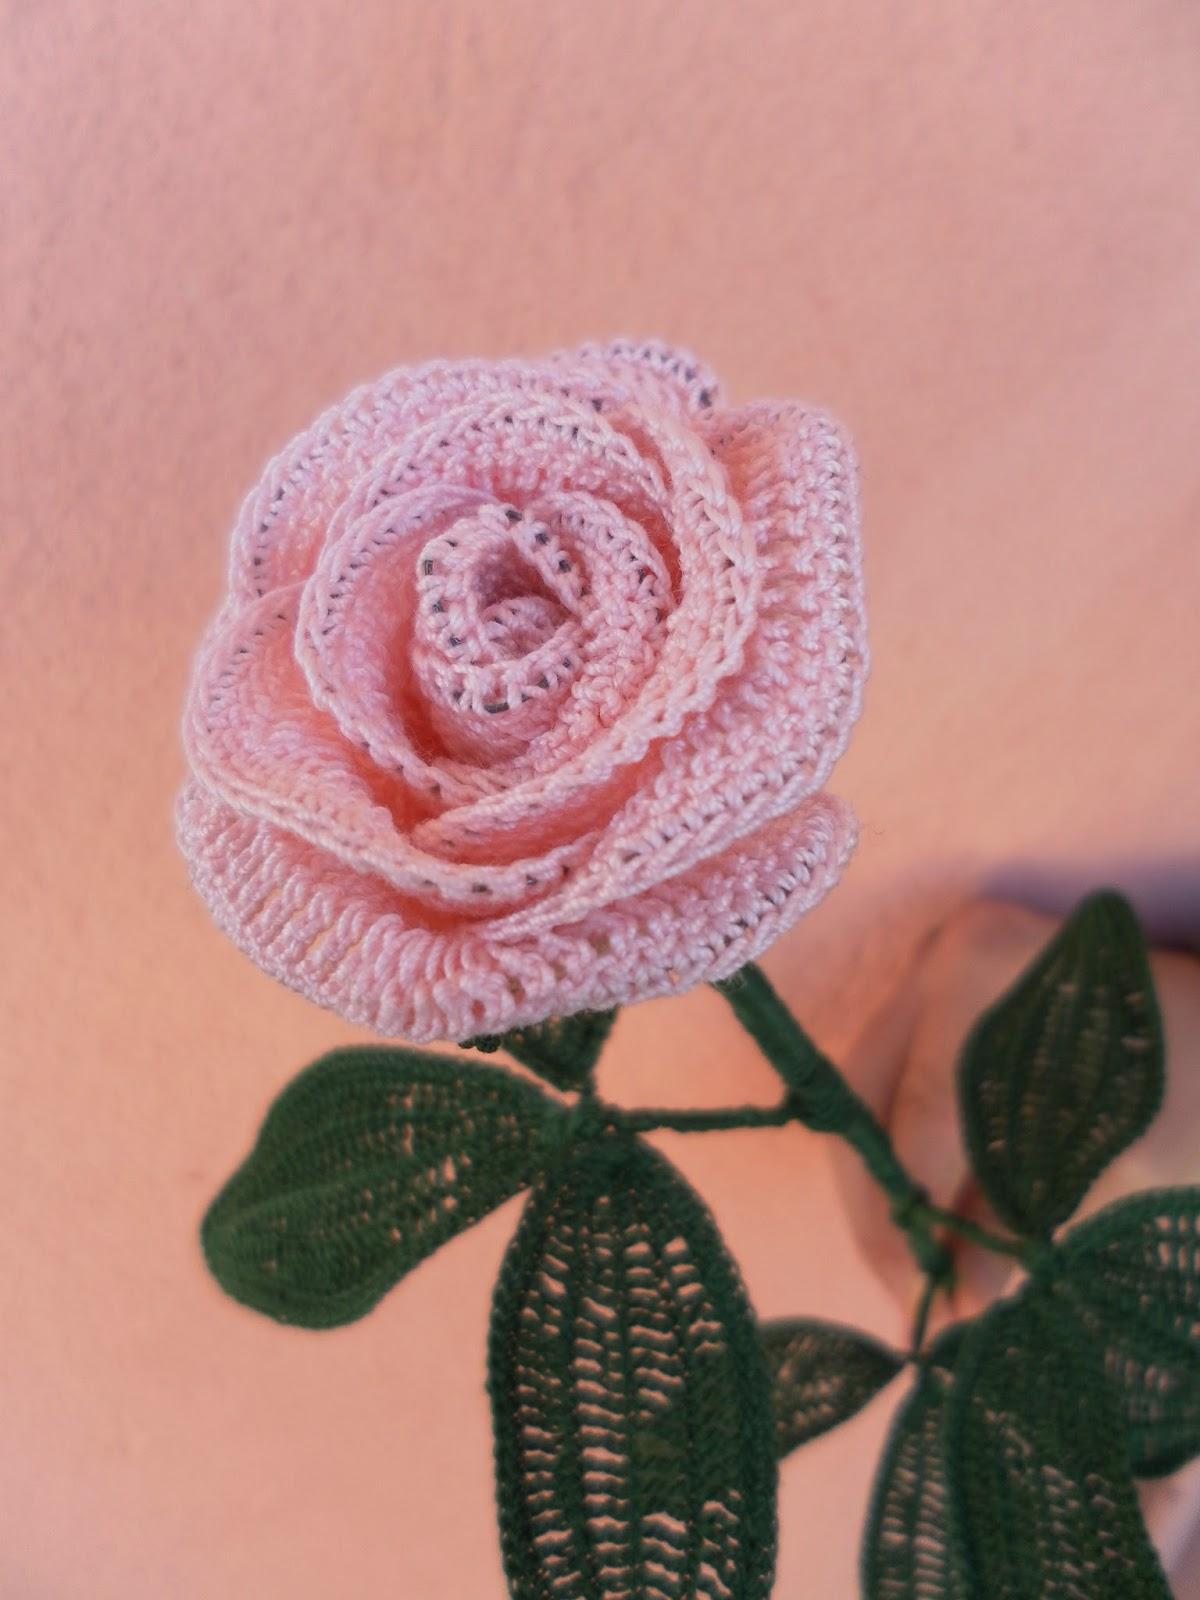 Famoso Il Blog di Sam: Spiegazione della Rosa all'uncinetto UT83